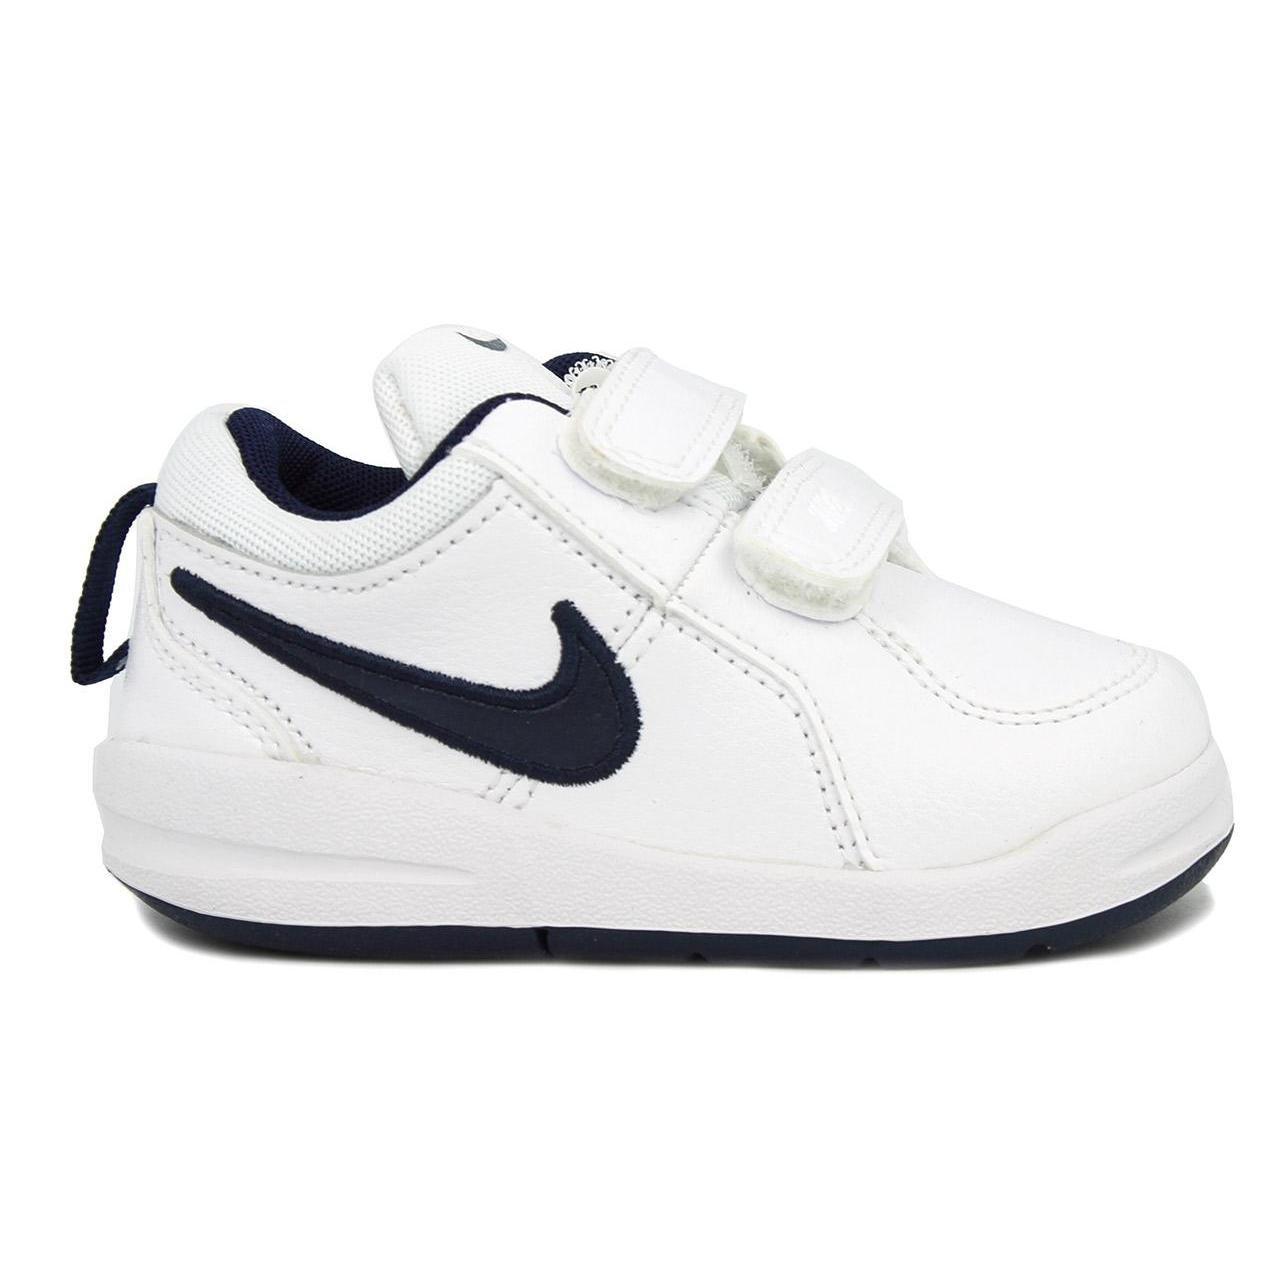 Amazon.com | Nike PICO 4 (TD) (BOYS TODDLER) (7) White/Midnight Navy | Sneakers